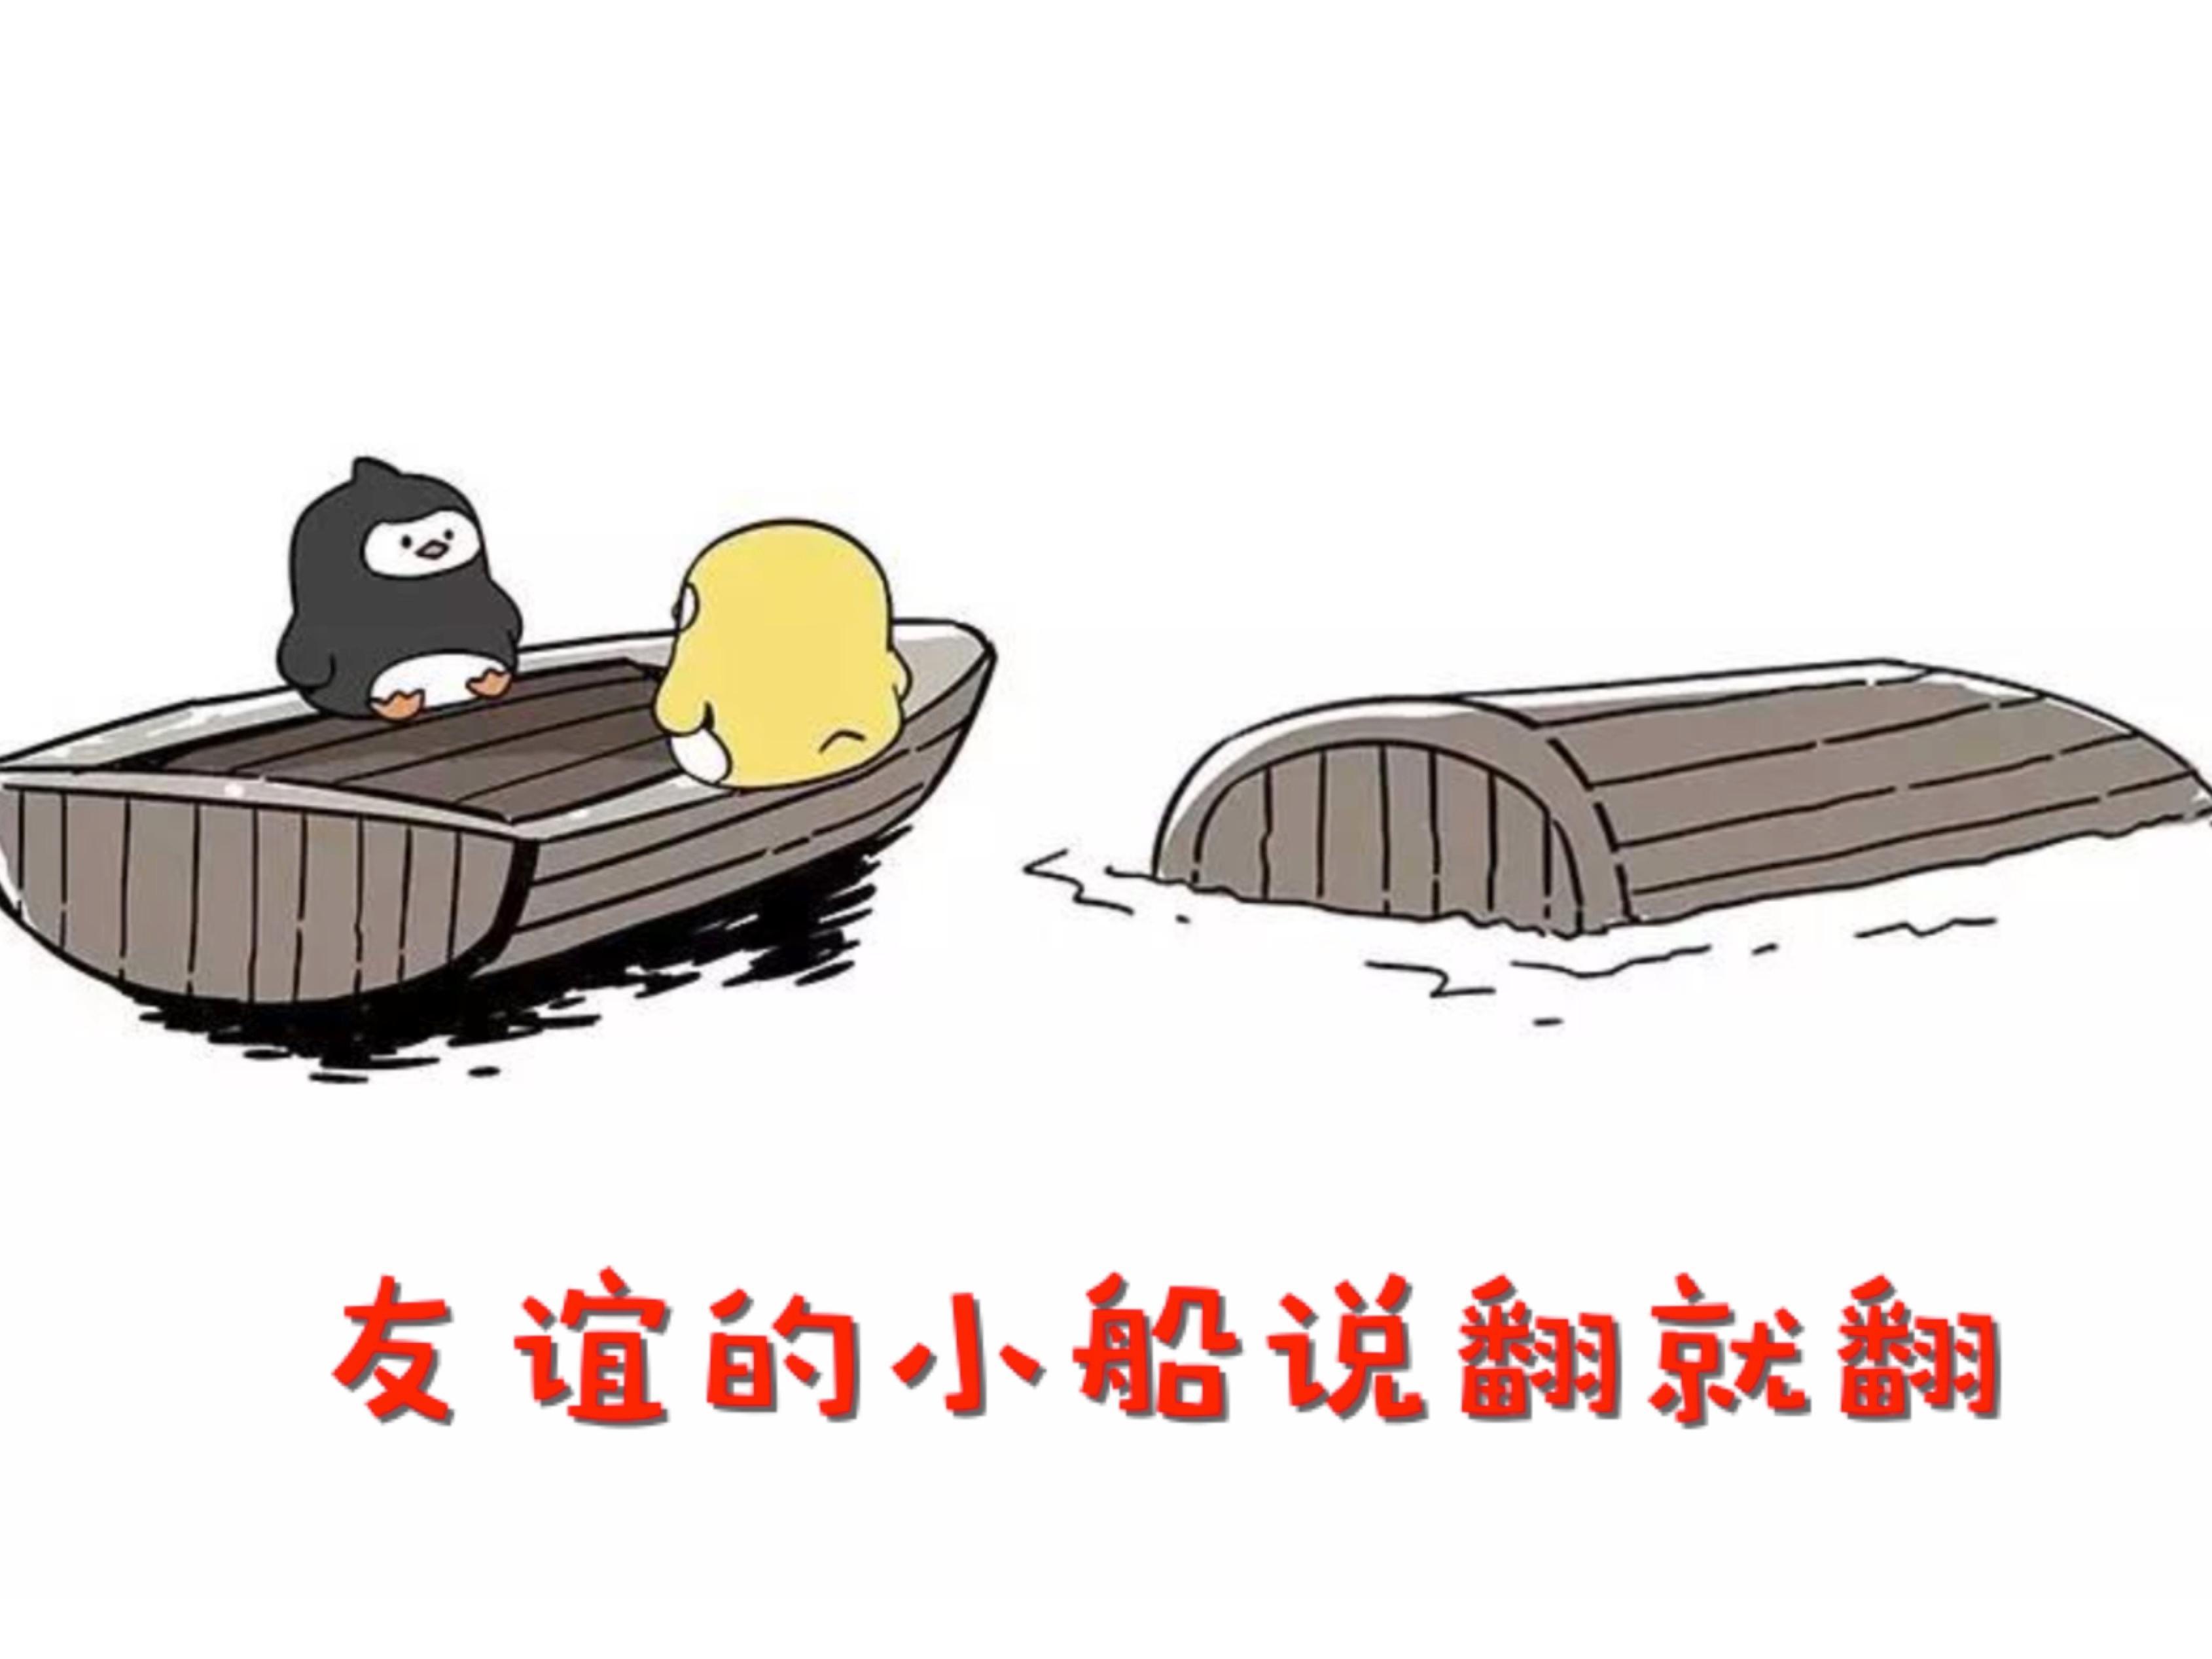 小船们的商业化表情说翻就翻?情表师包傅王图片